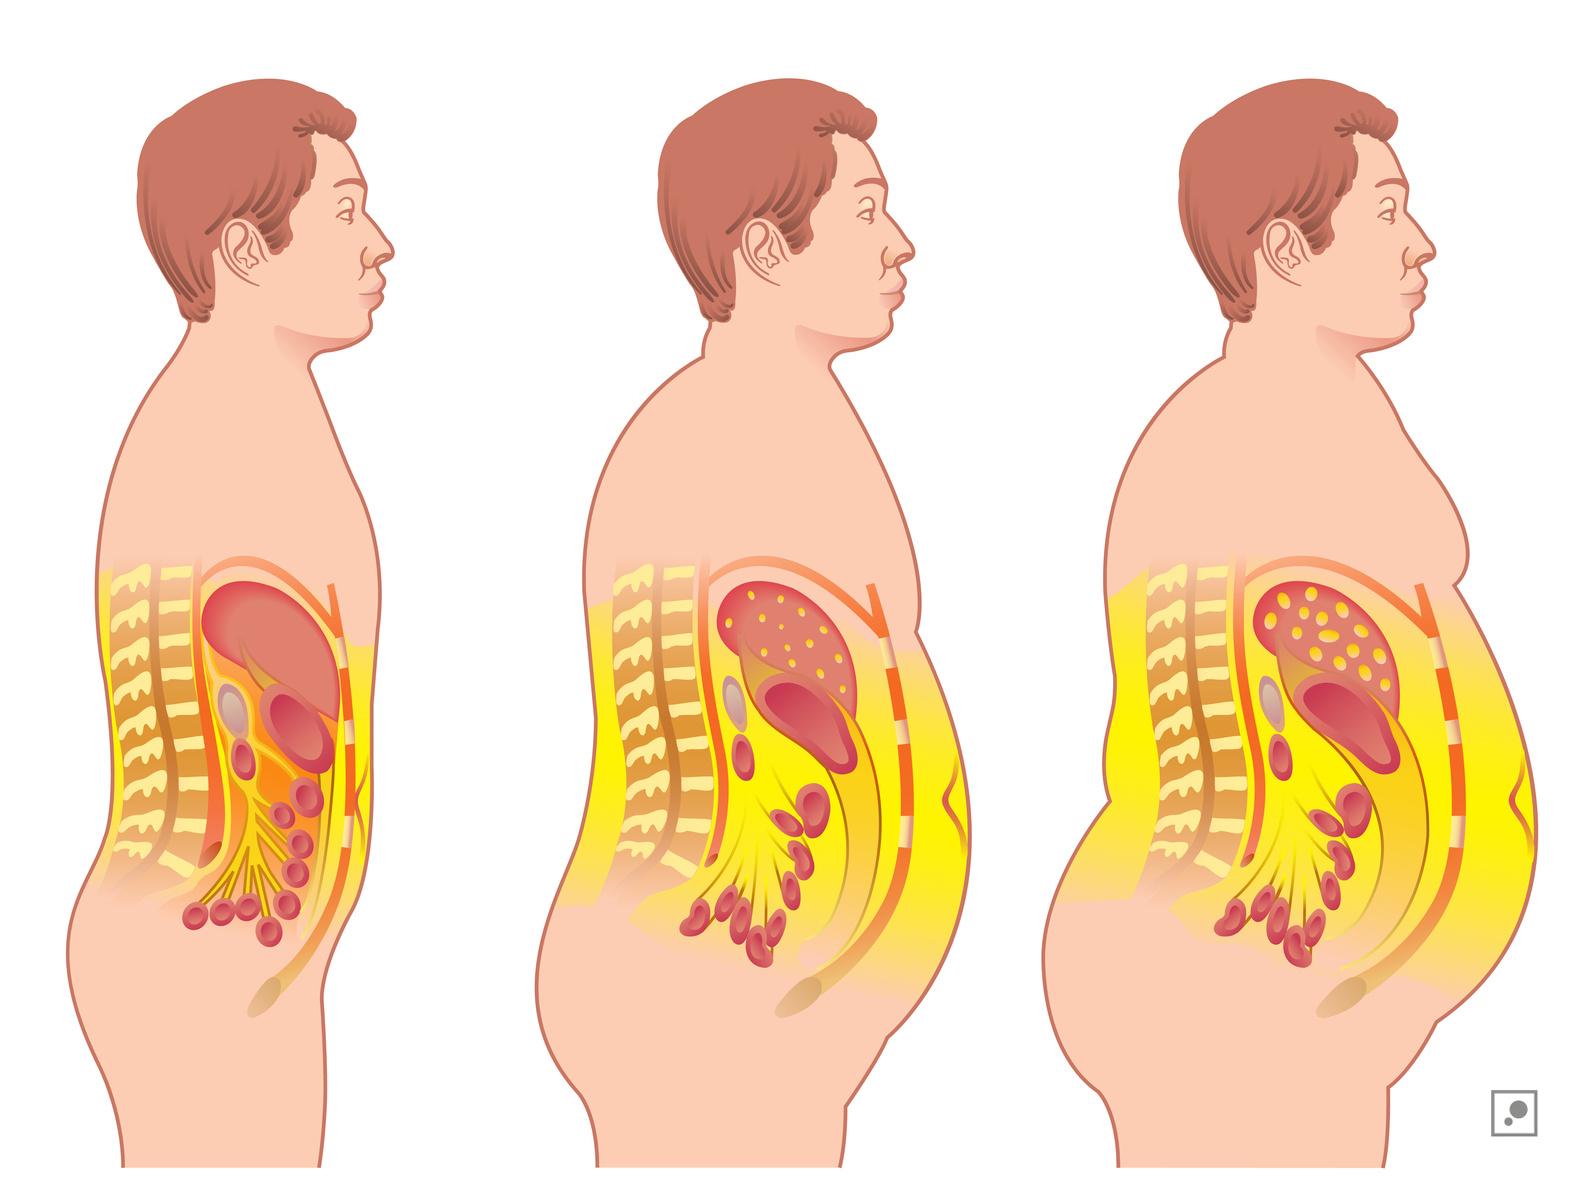 cum să ardeți grăsimea de organe interne